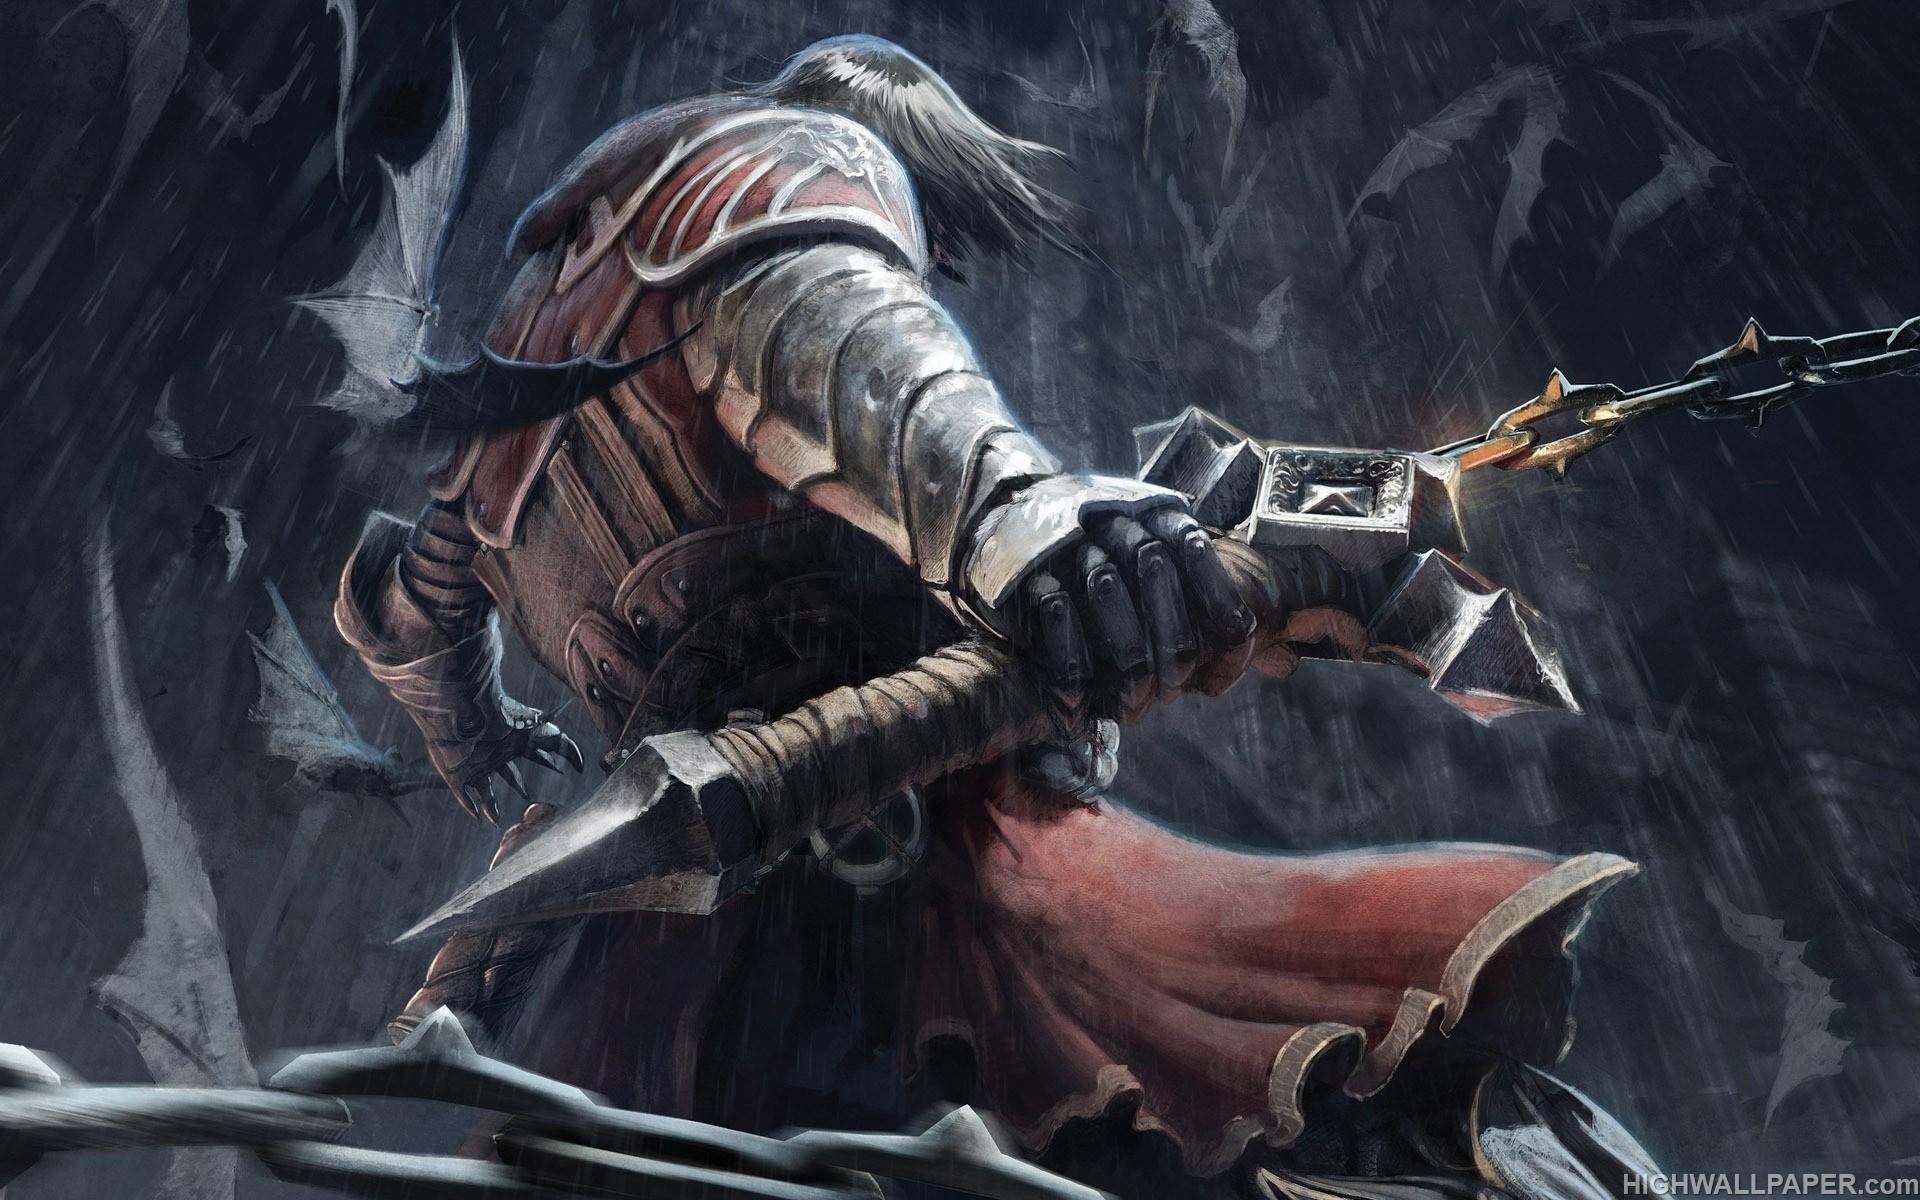 Chain Sword Warrior